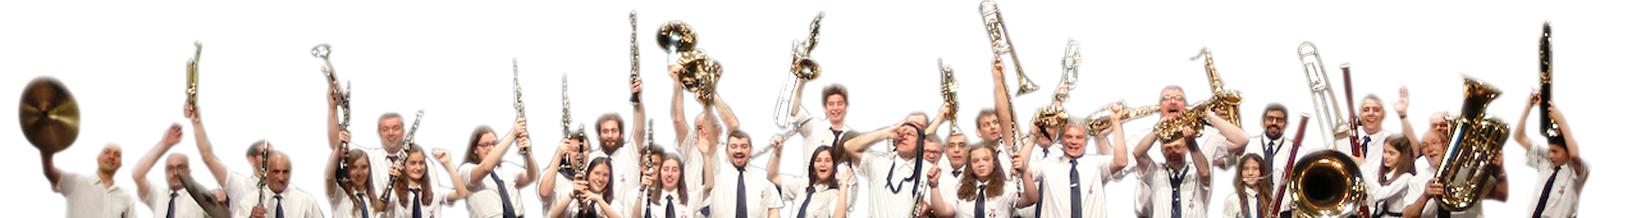 banner_instruments